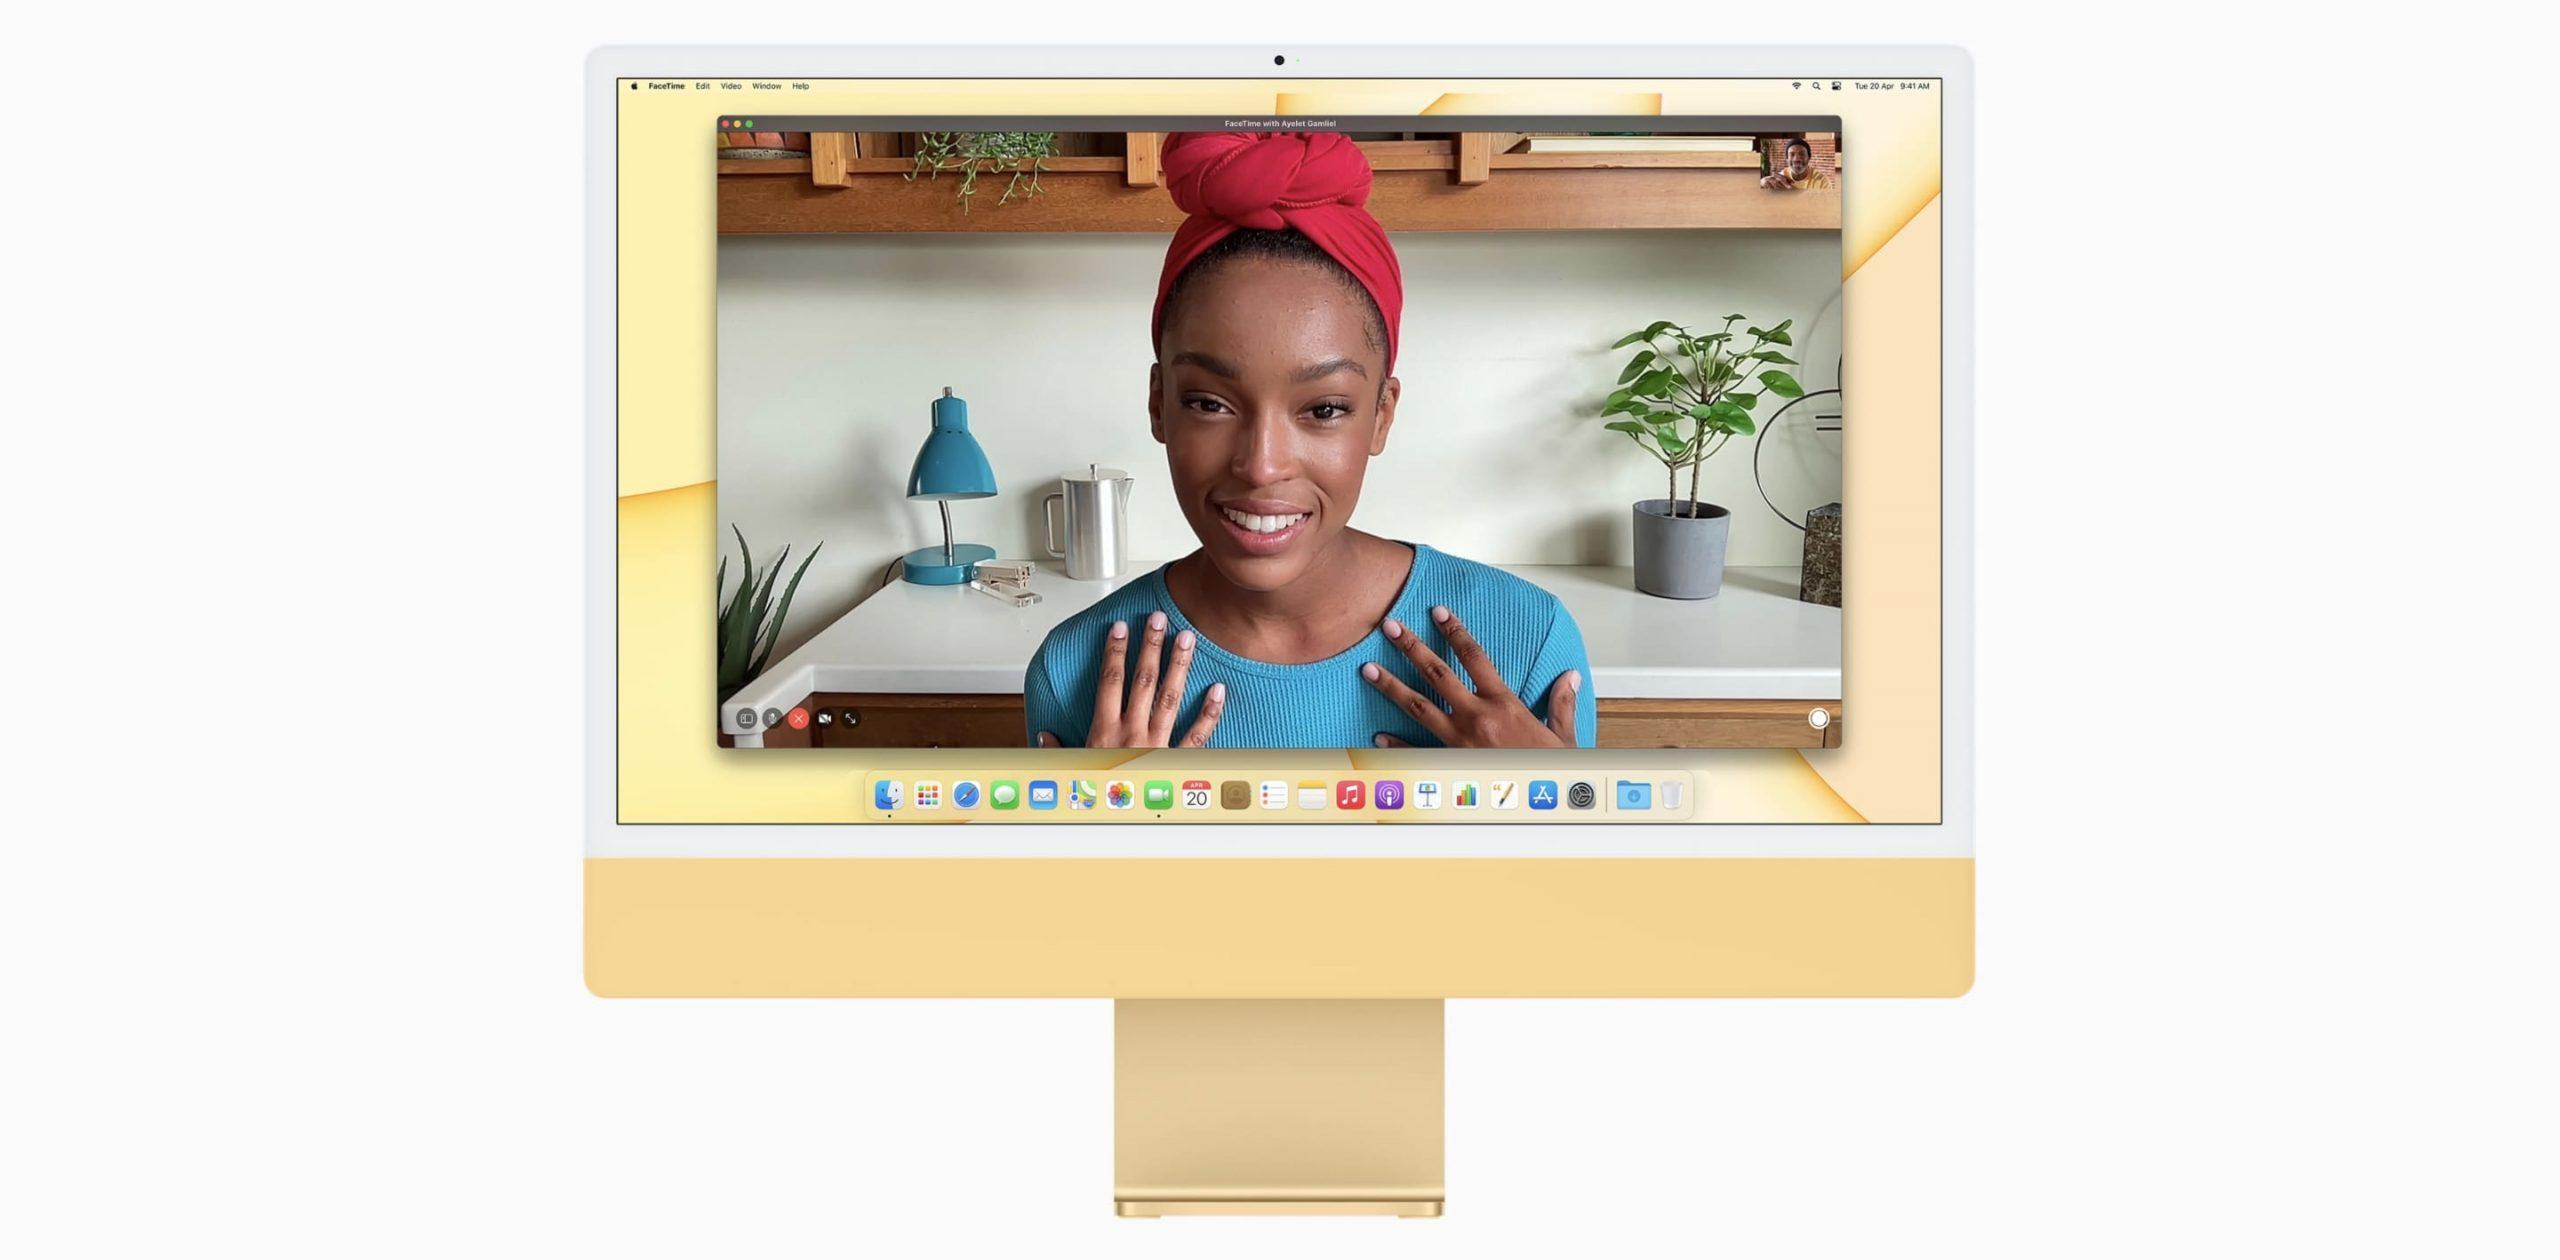 Apple 24 inch iMac 4.5K M18C CPU 7C GPU:8C GPU 256GB SSD_alphastore kuwait_15